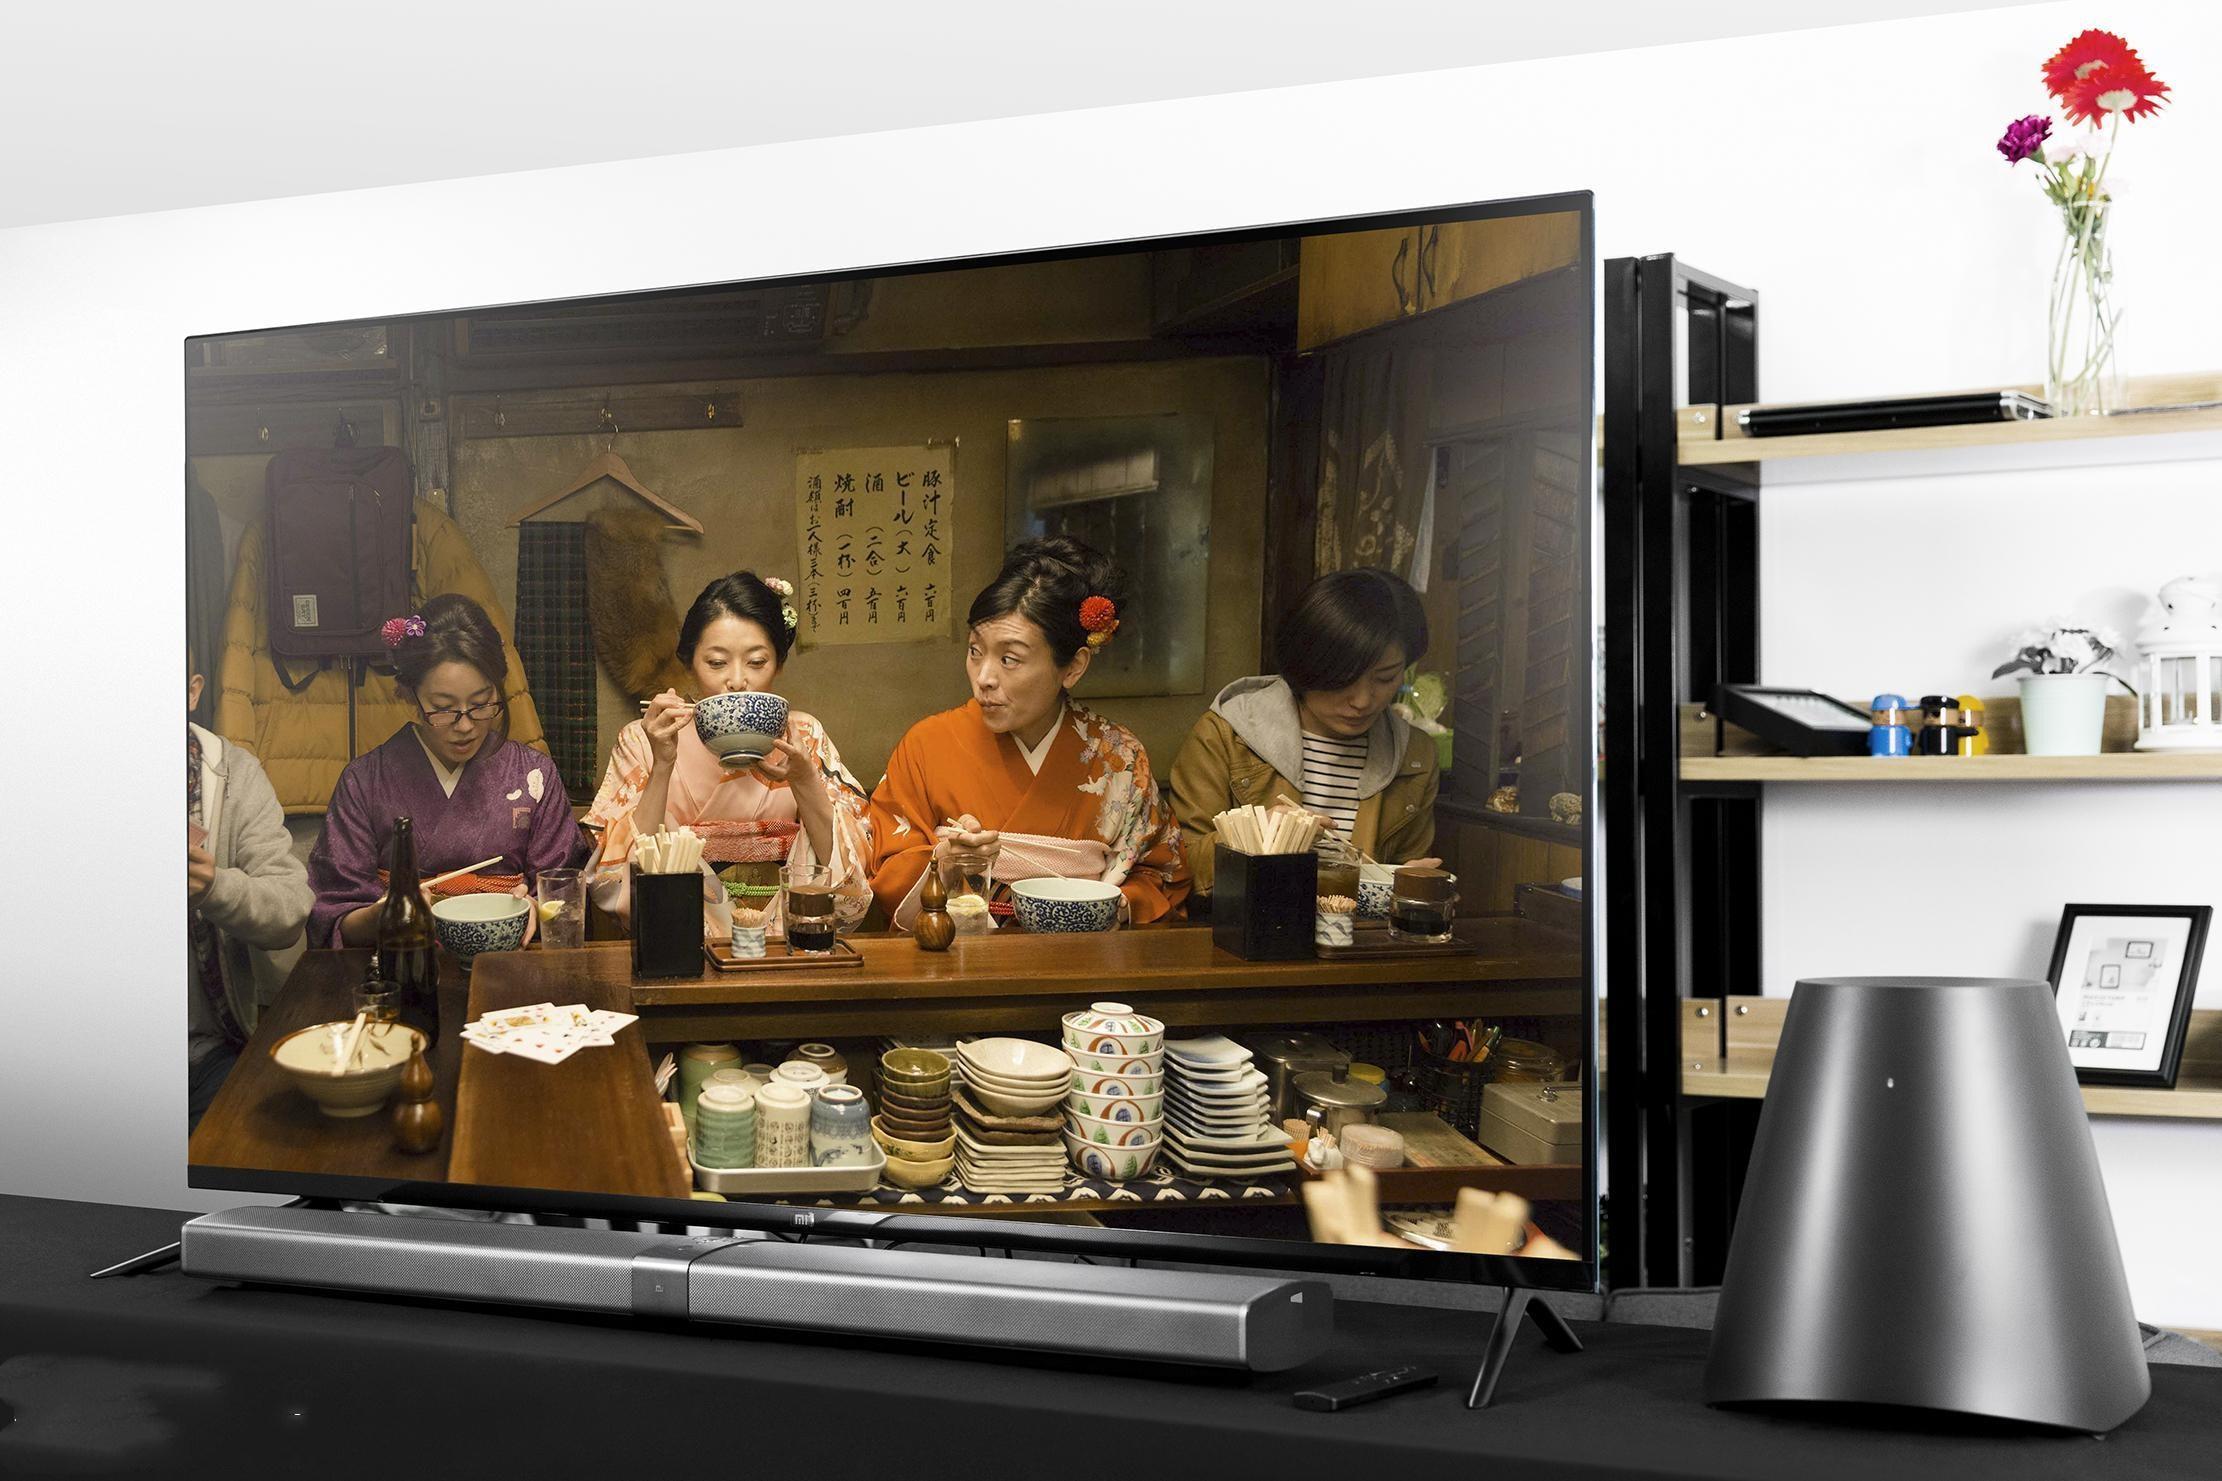 小米电视4开箱体验:史上最美